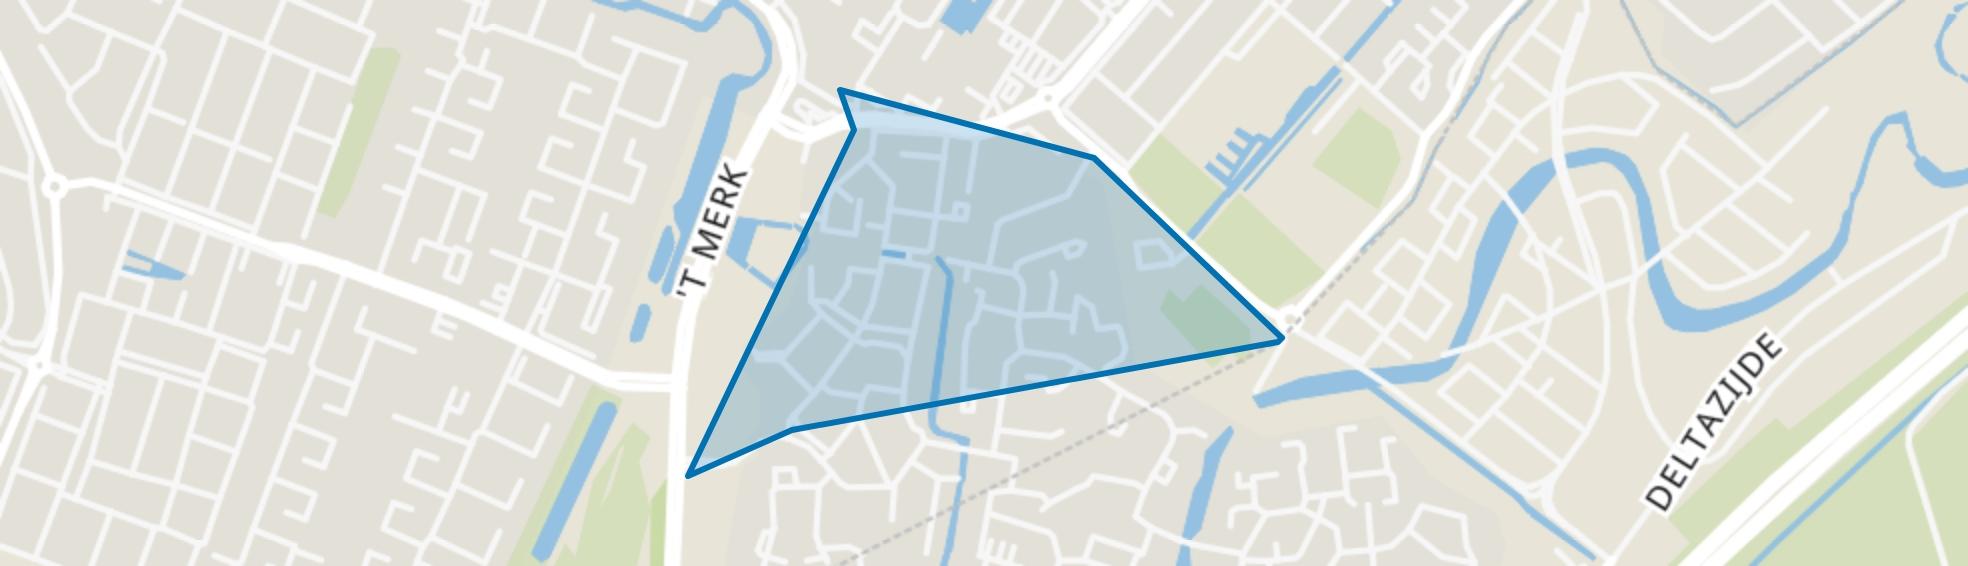 Bijvanck Noord, Huizen map